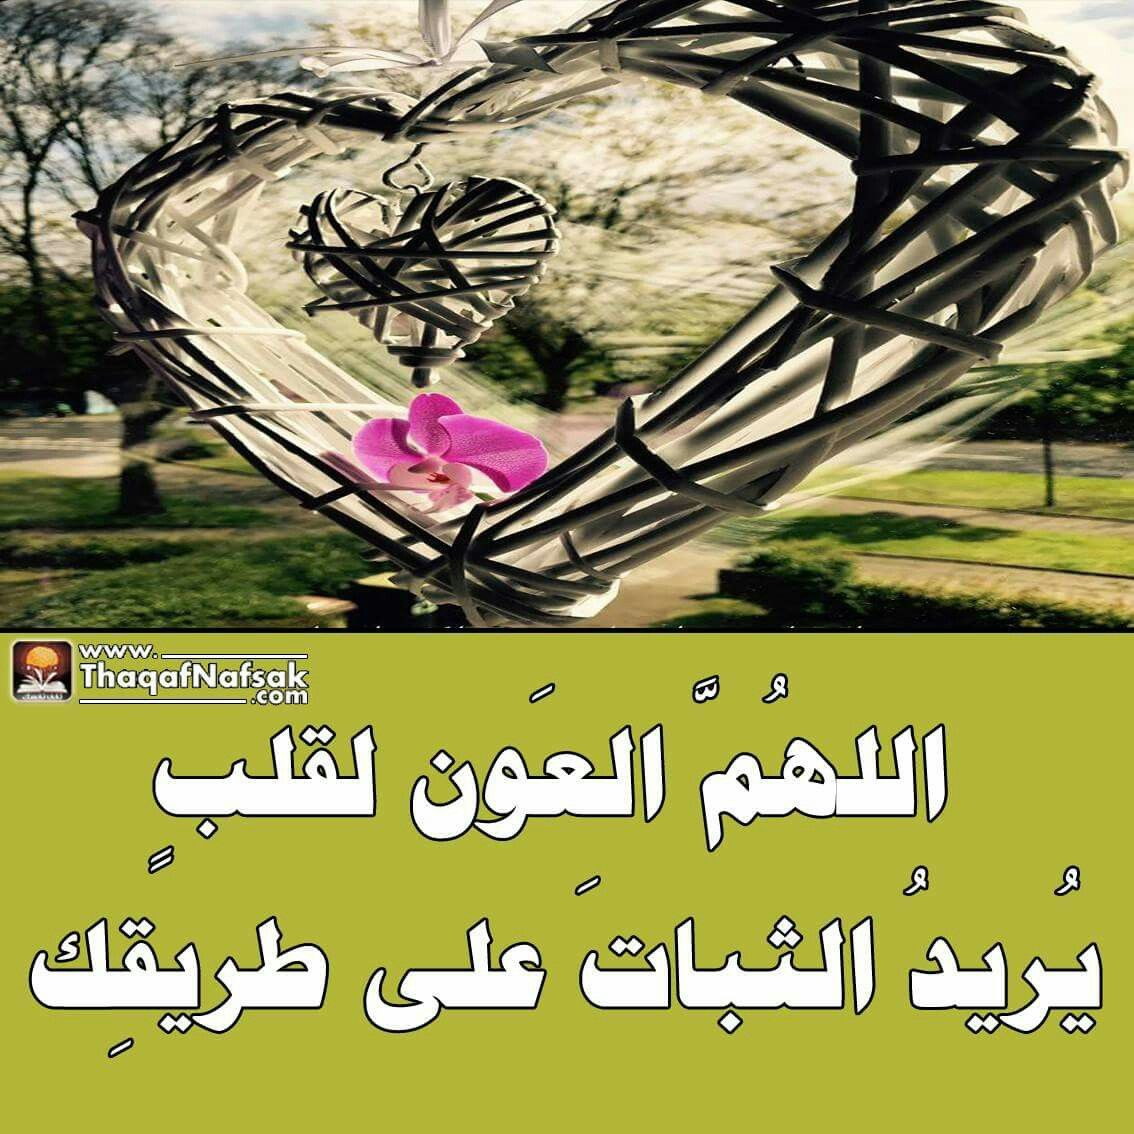 يارب اللهم ثبتنا على دينك وسنة حبيبك محمد